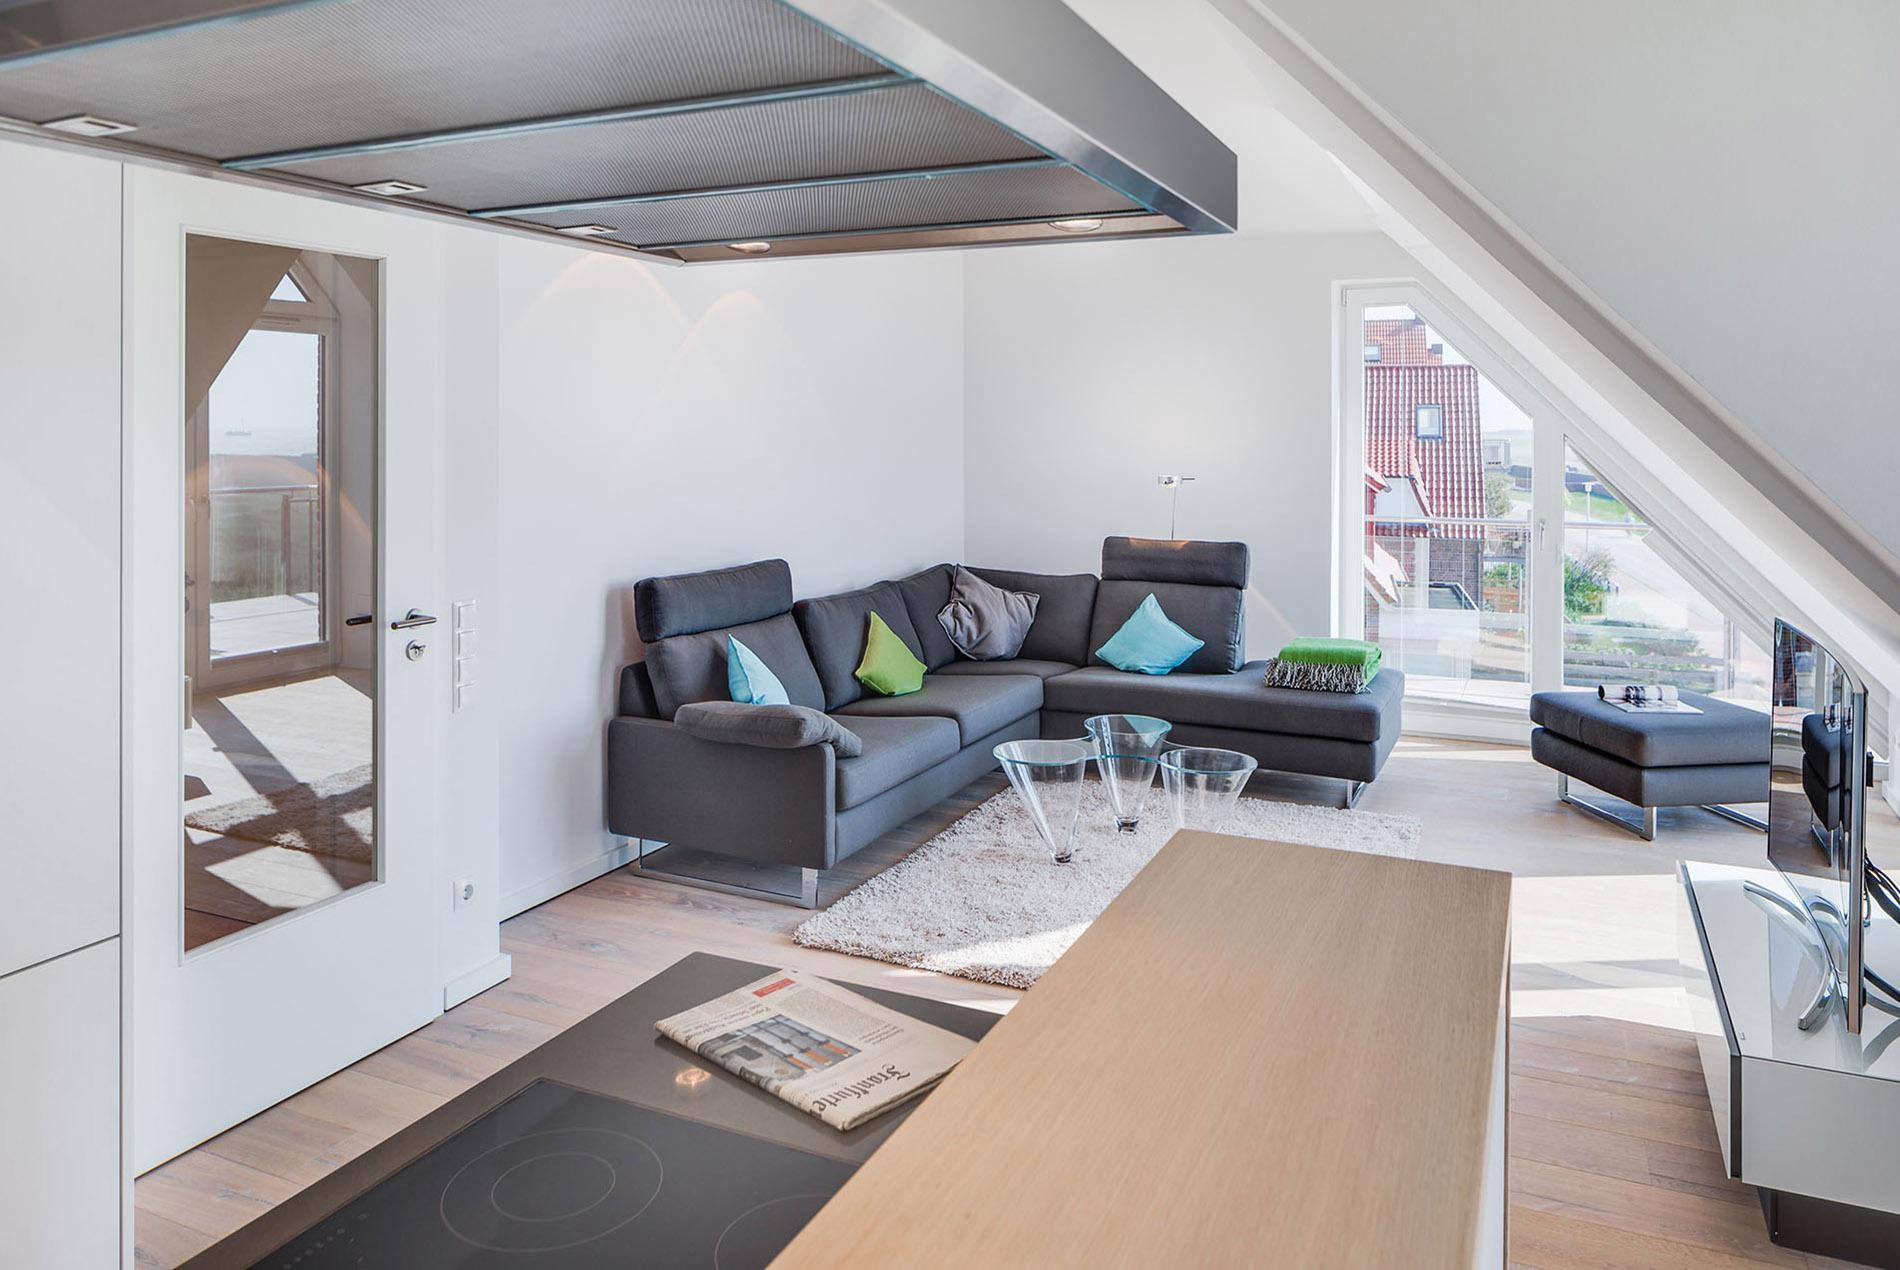 Offenes Wohnzimmer mit Dachschrägen in Ferienwohnung - Tischlerei